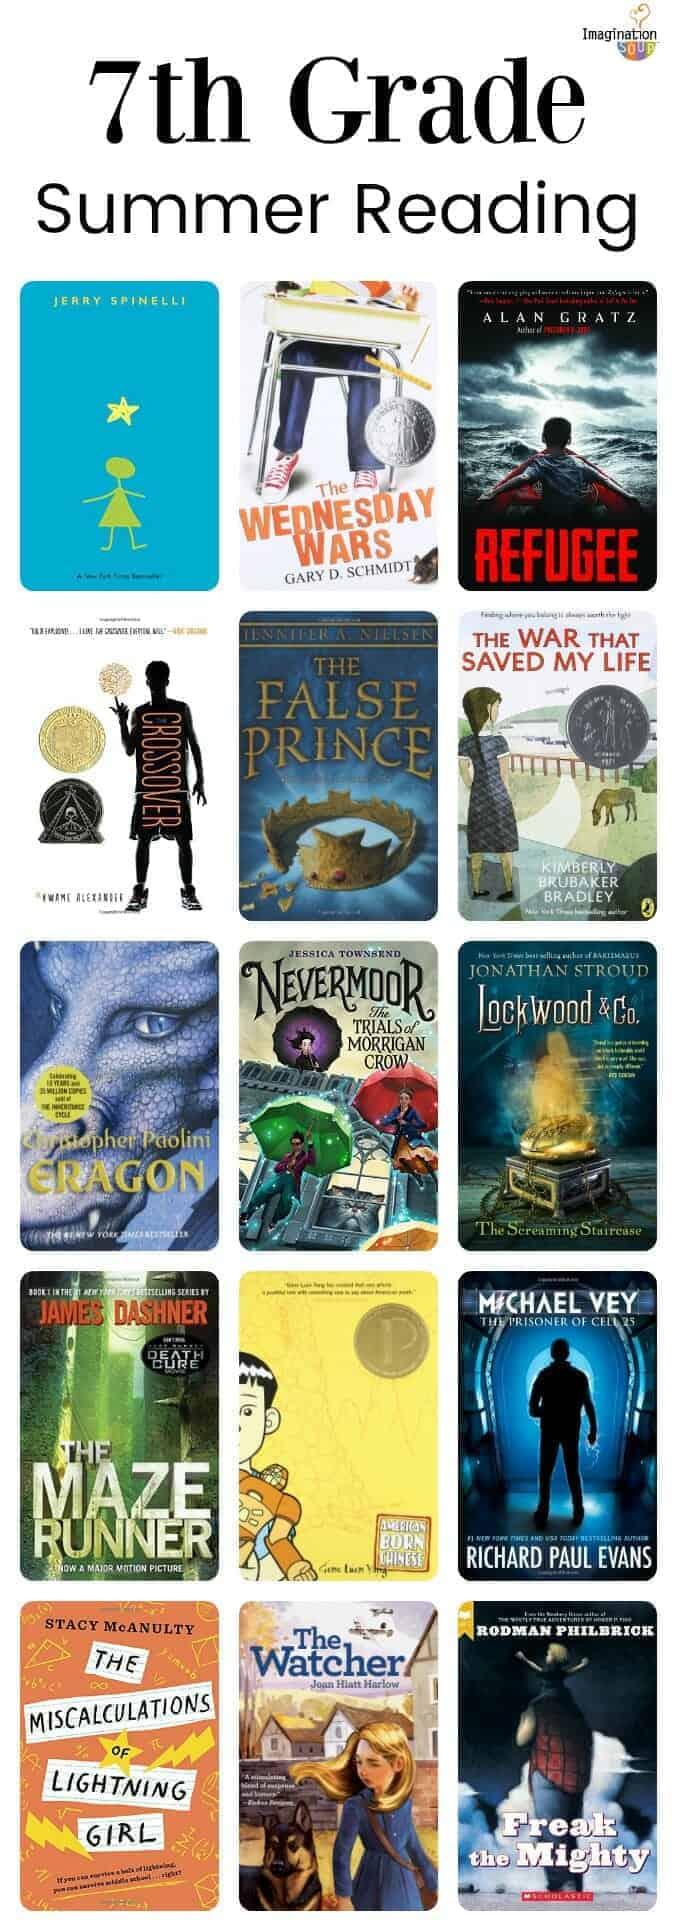 7th grade summer reading list